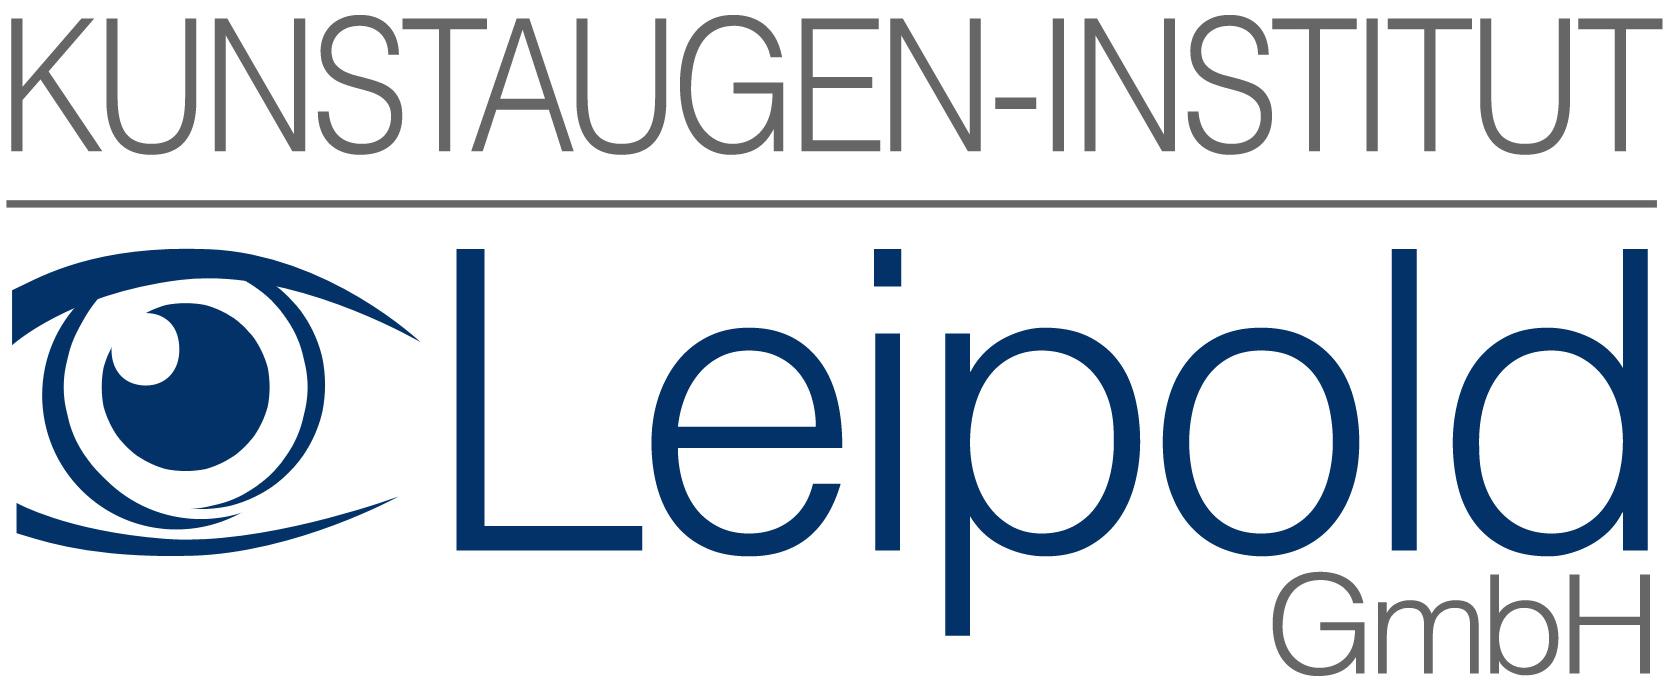 Kunstaugen-Institut Leipold